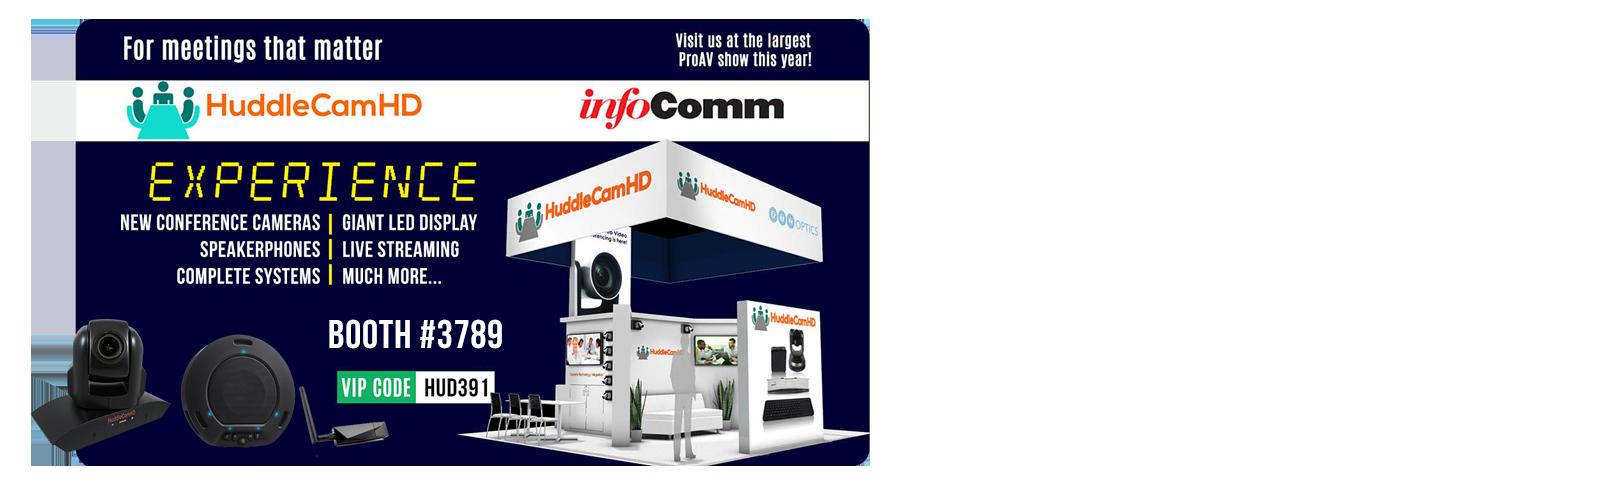 2017 Infocomm show.png